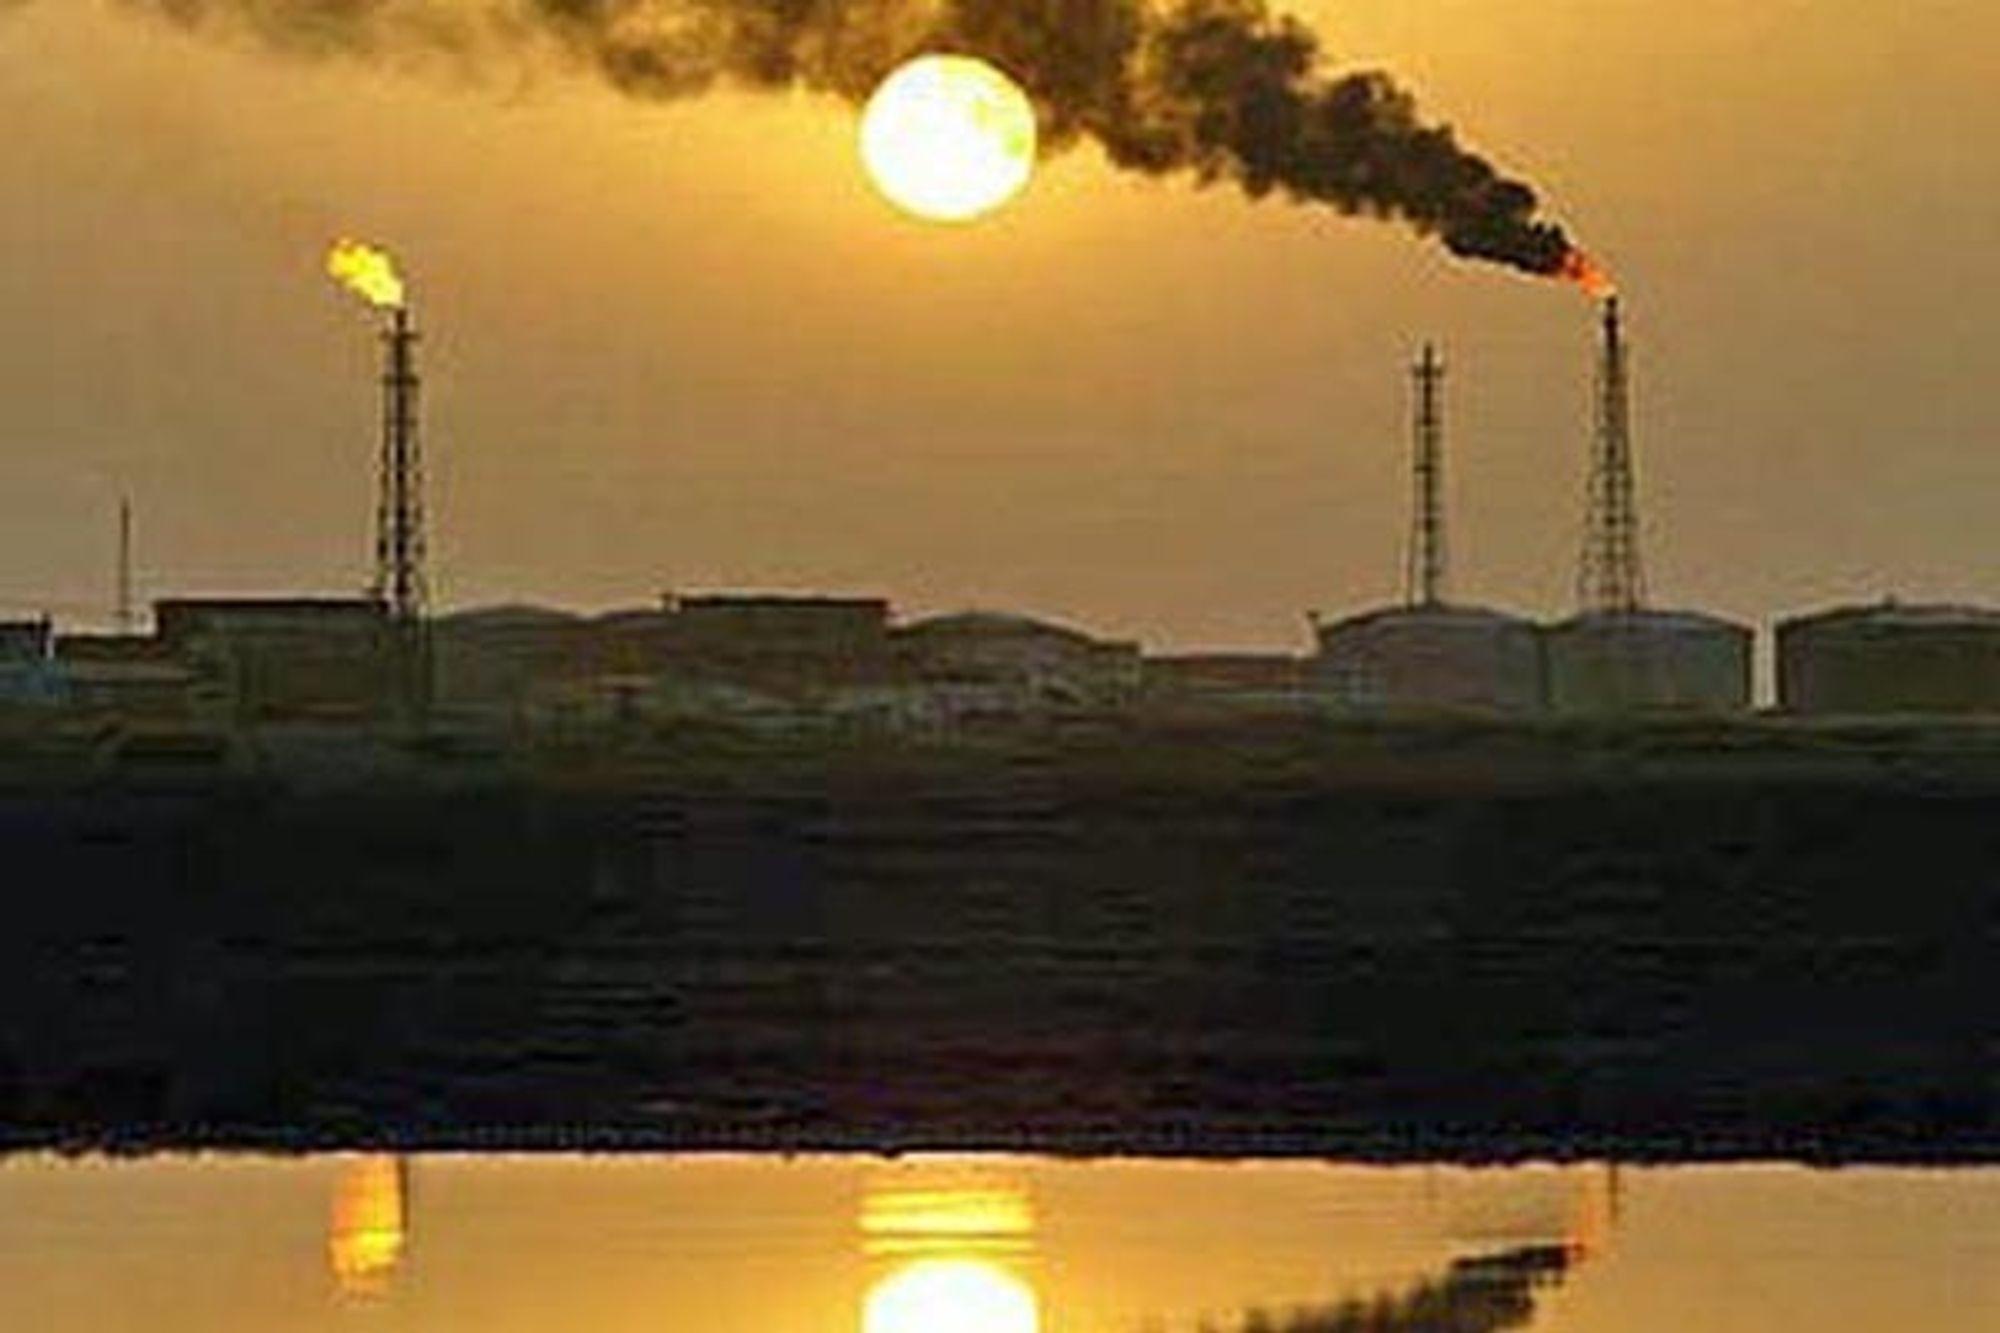 Statoil er med i et konsortium som har lagt inn bud på West Qurna-feltet i Irak.